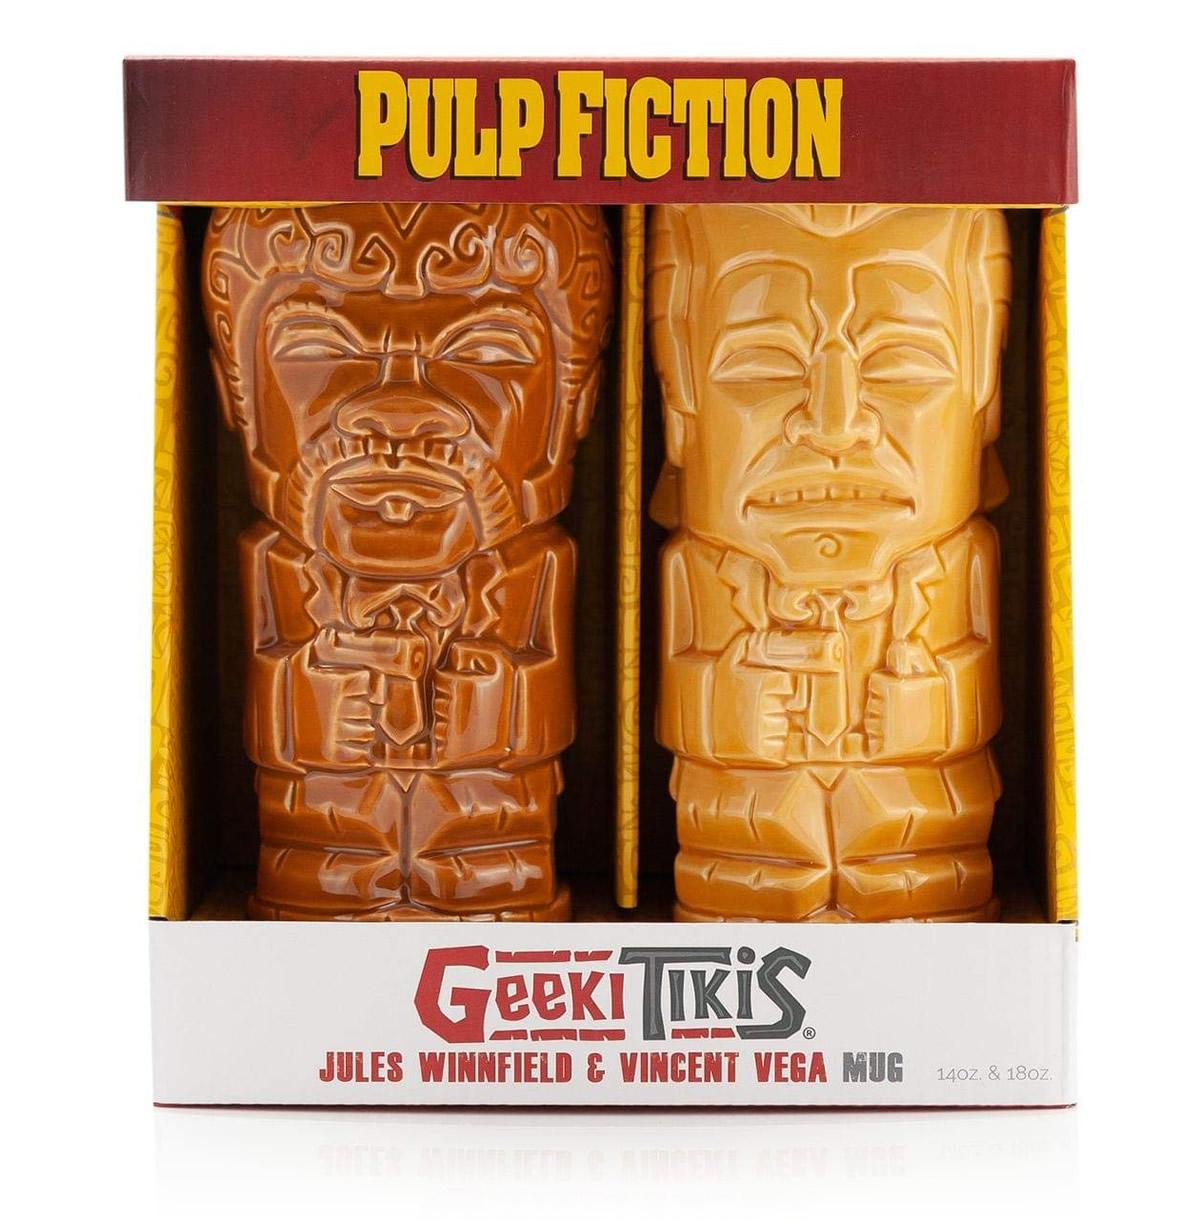 Tiki Mug Pulp Fiction (confezione)